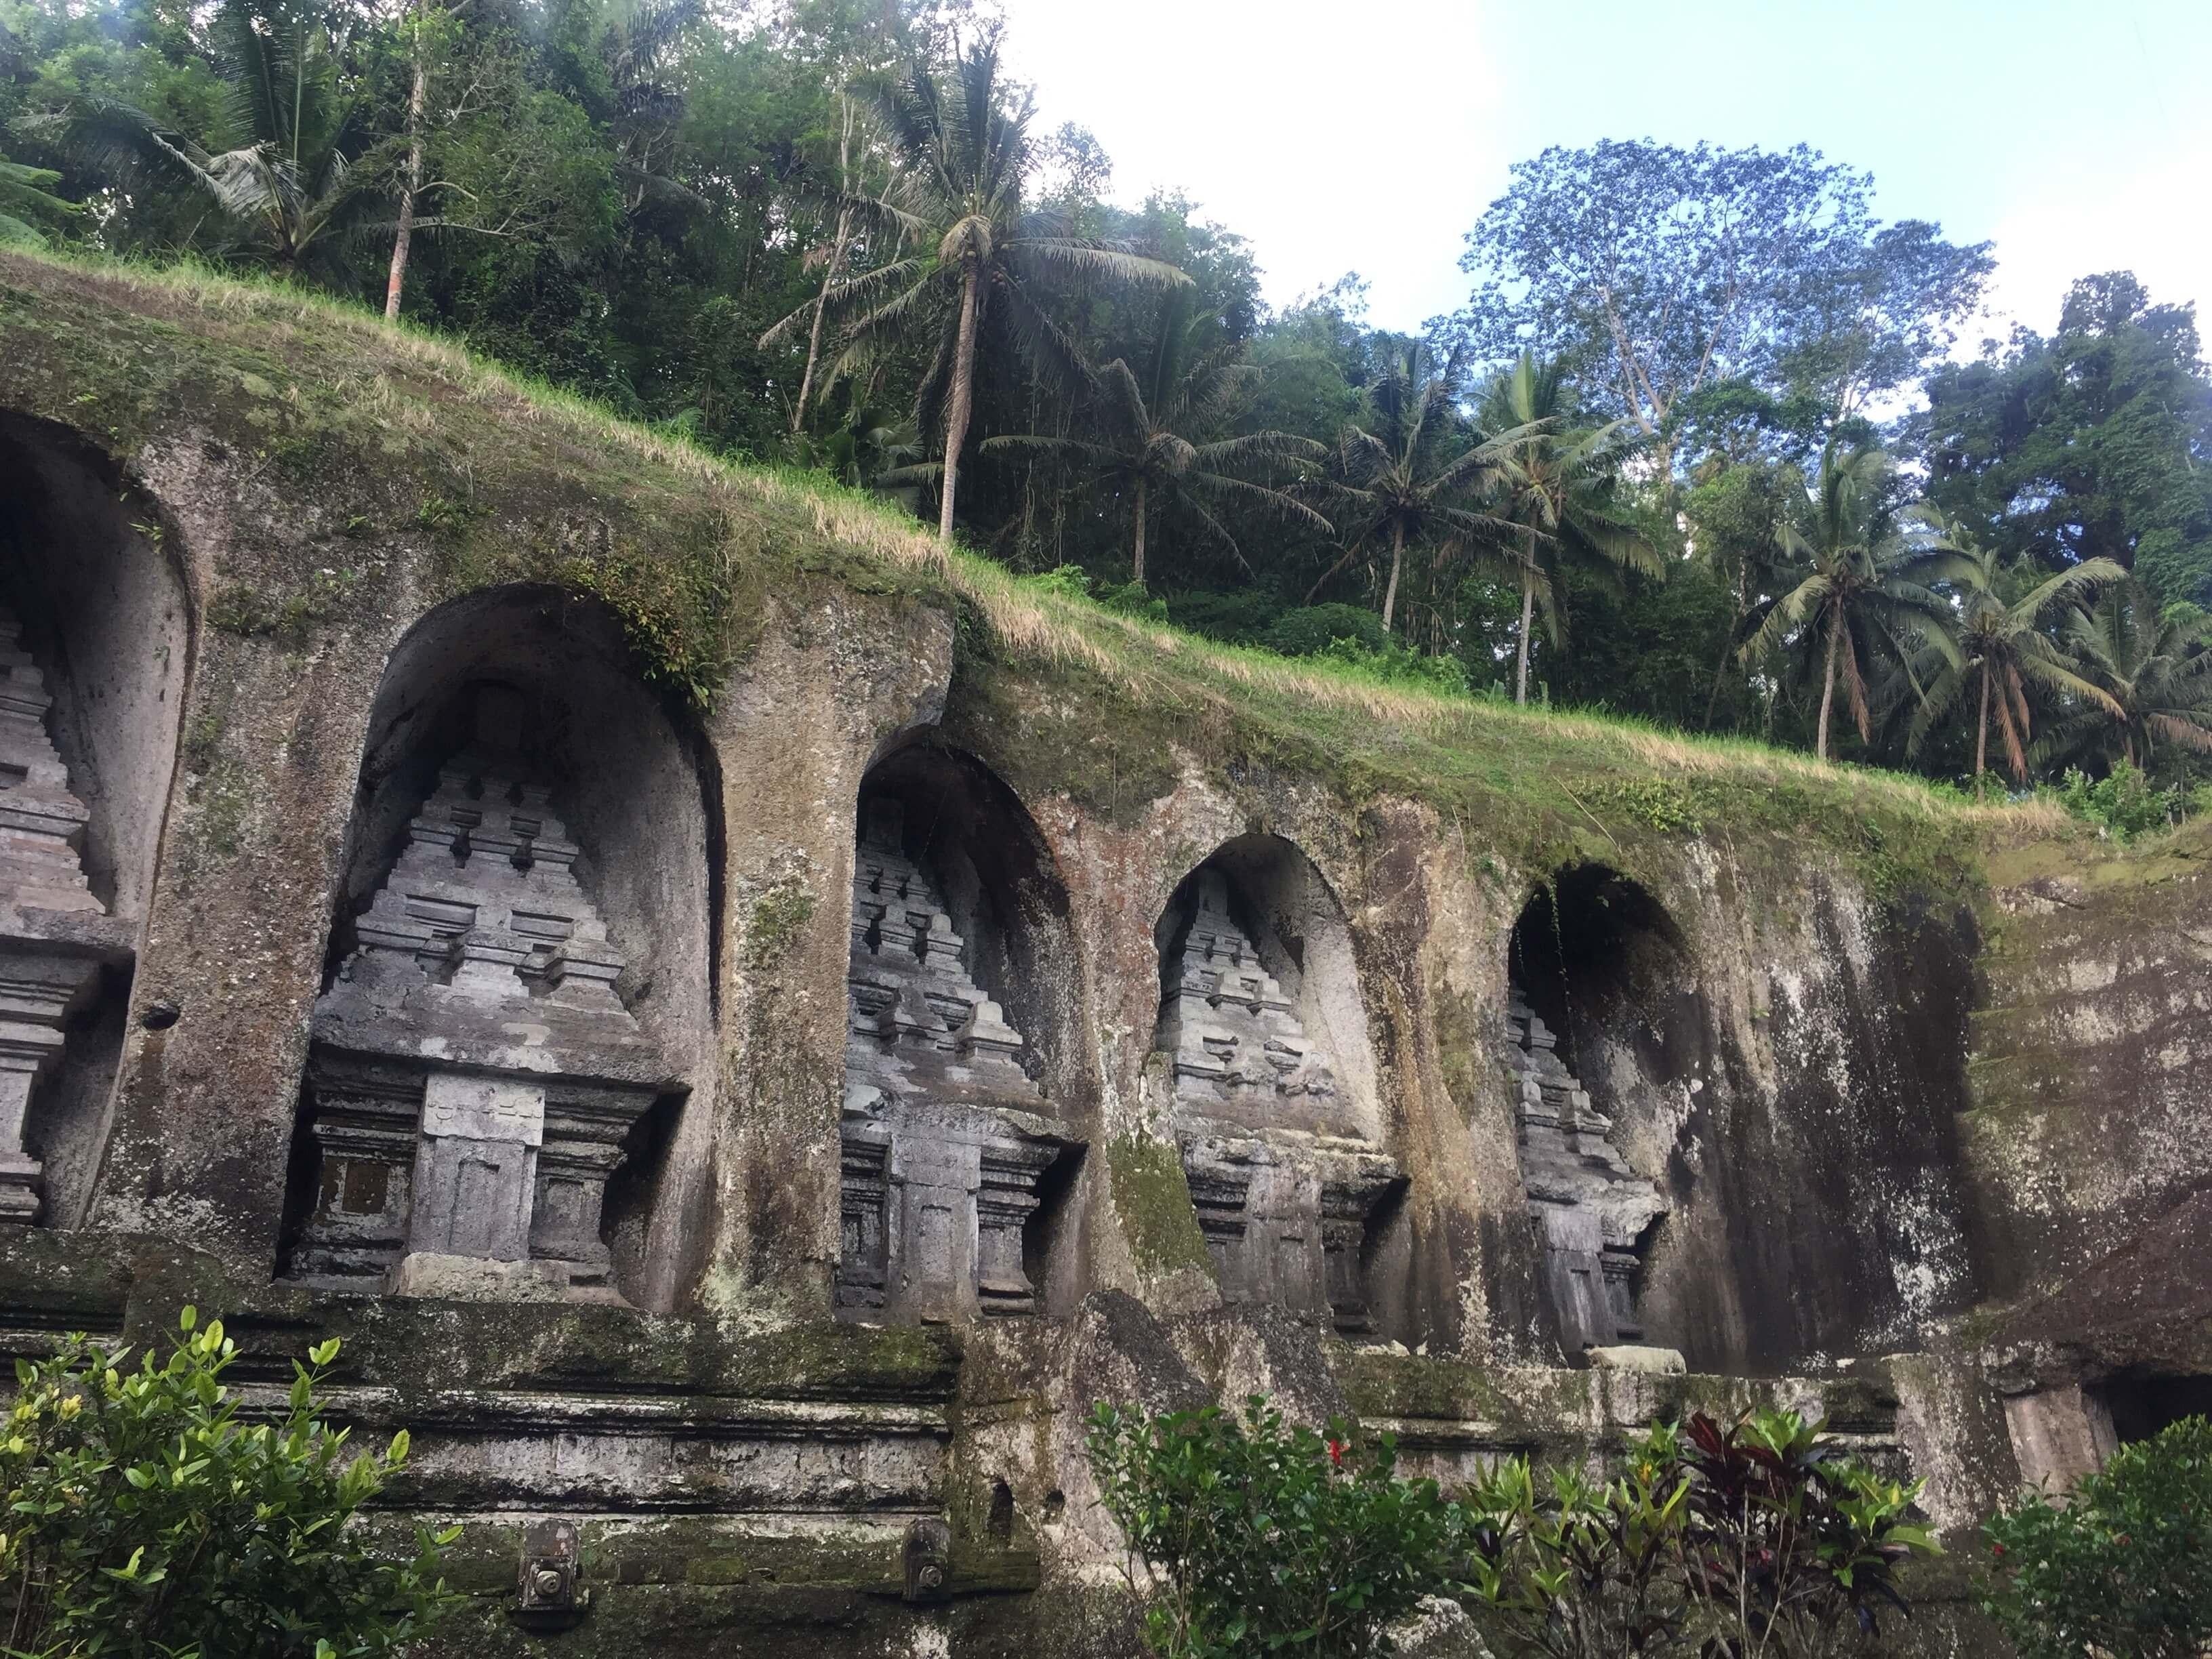 Tempel Gunung Kawi Bali Annaway